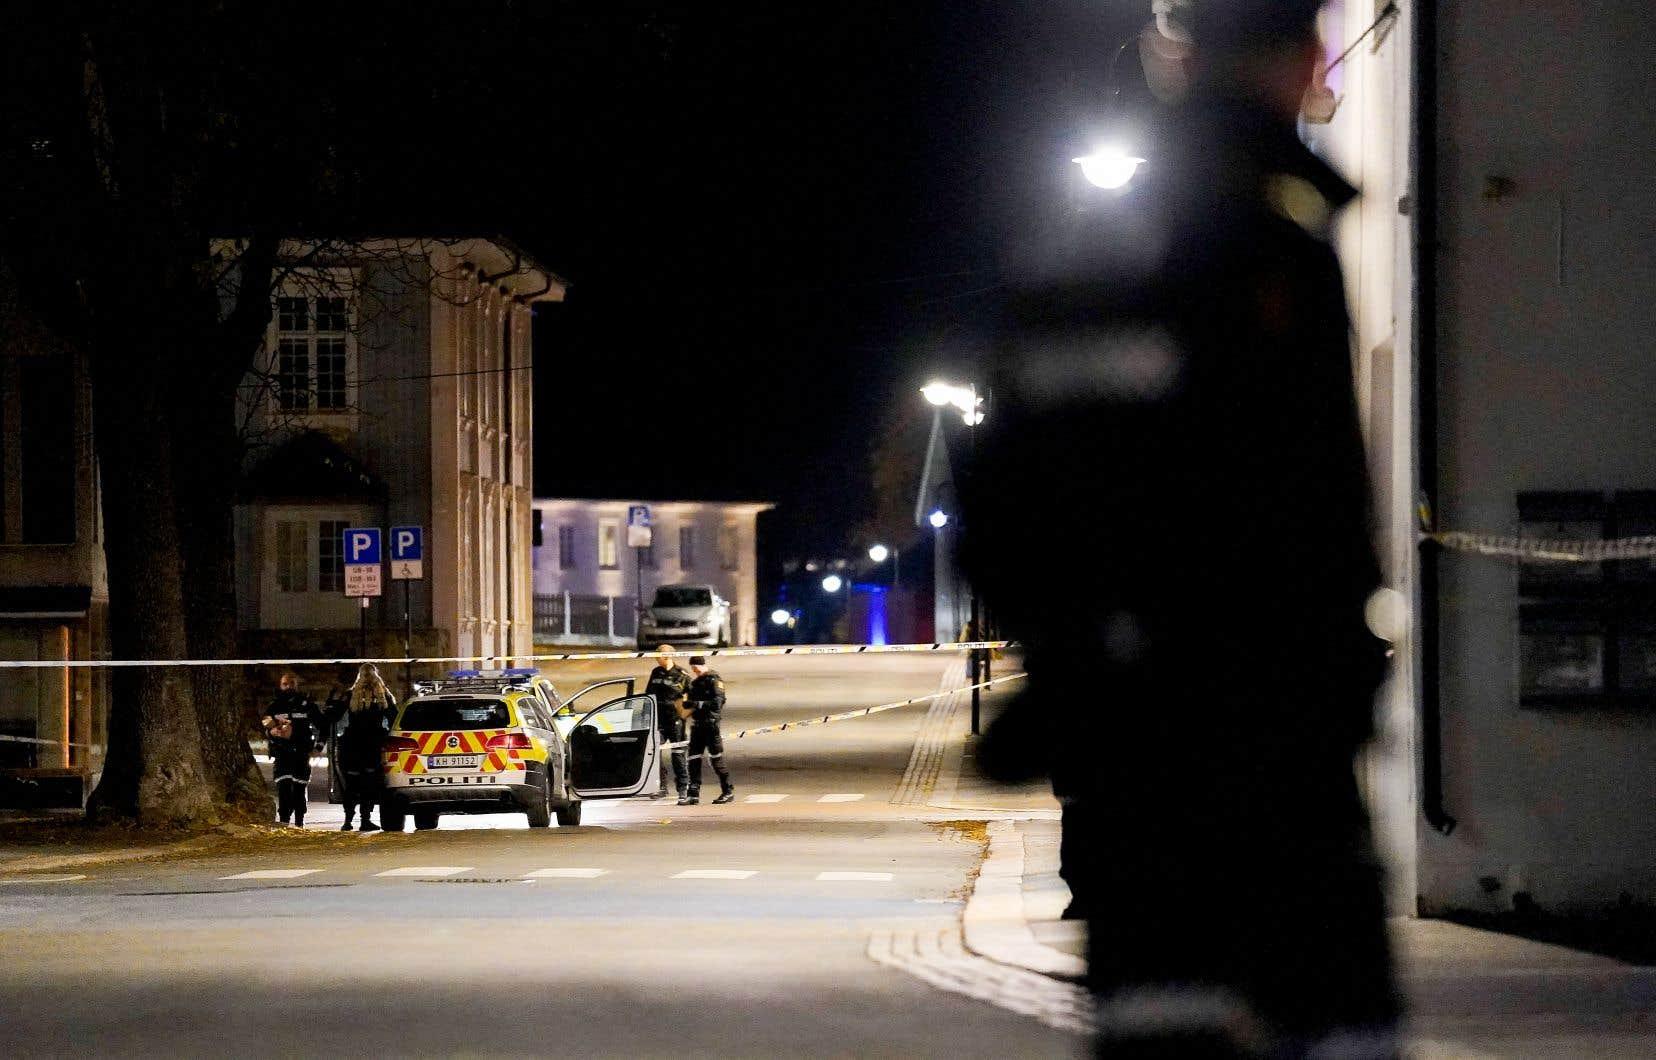 La direction norvégienne de la police a décrété que les policiers, qui ne sont généralement pas armés, porteraient des armes à titre temporaire dans tout le pays.